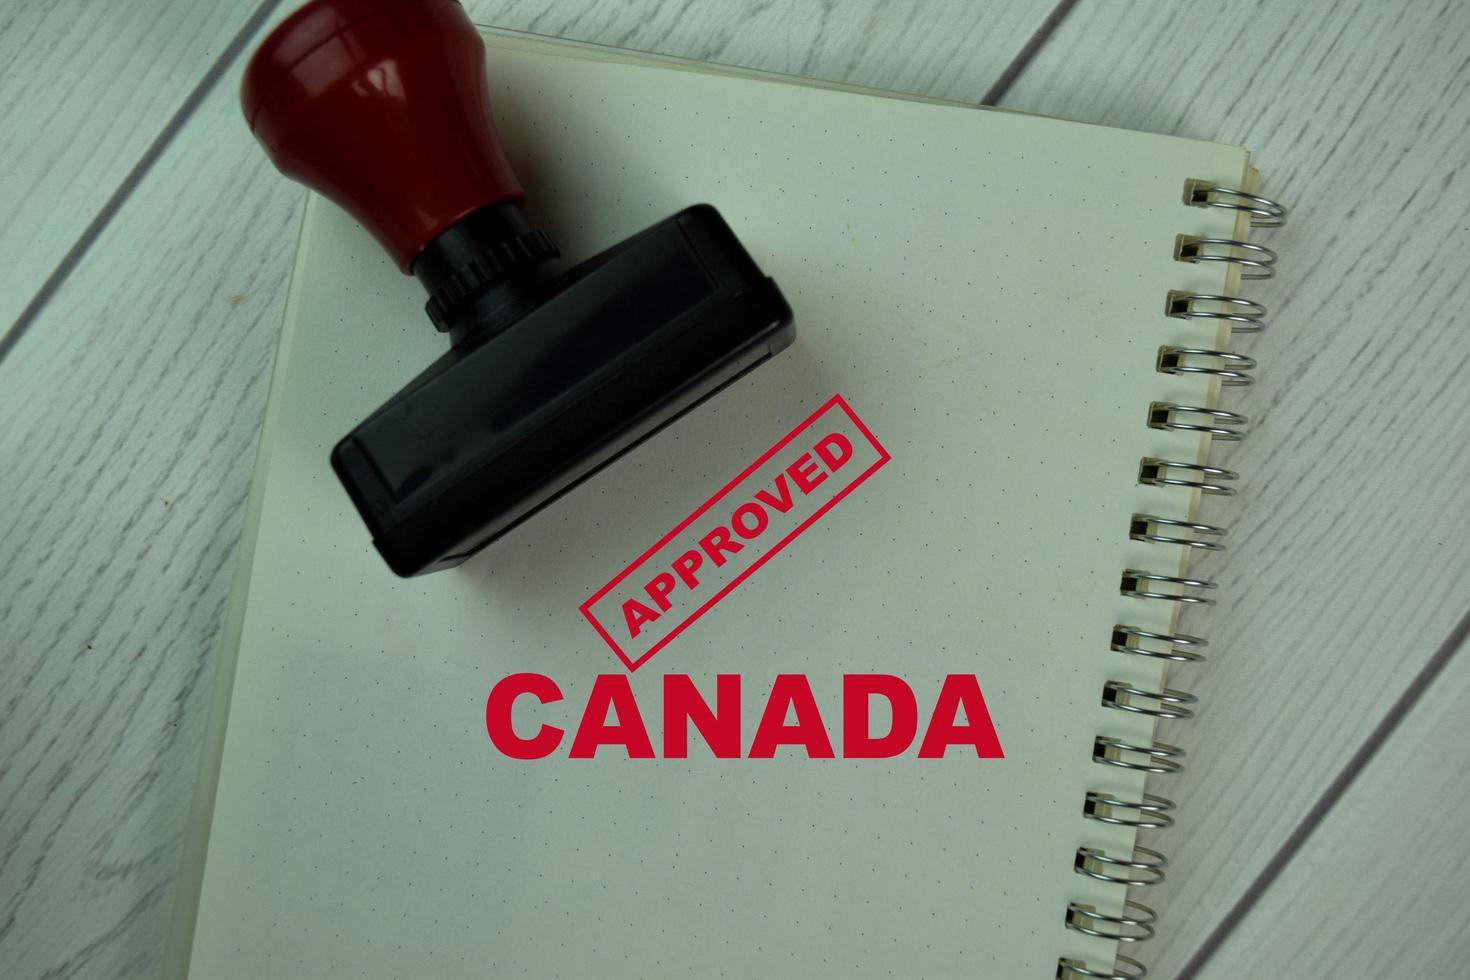 Tampon en caoutchouc poignée rouge et texte Canada approuvé isolé sur table photo